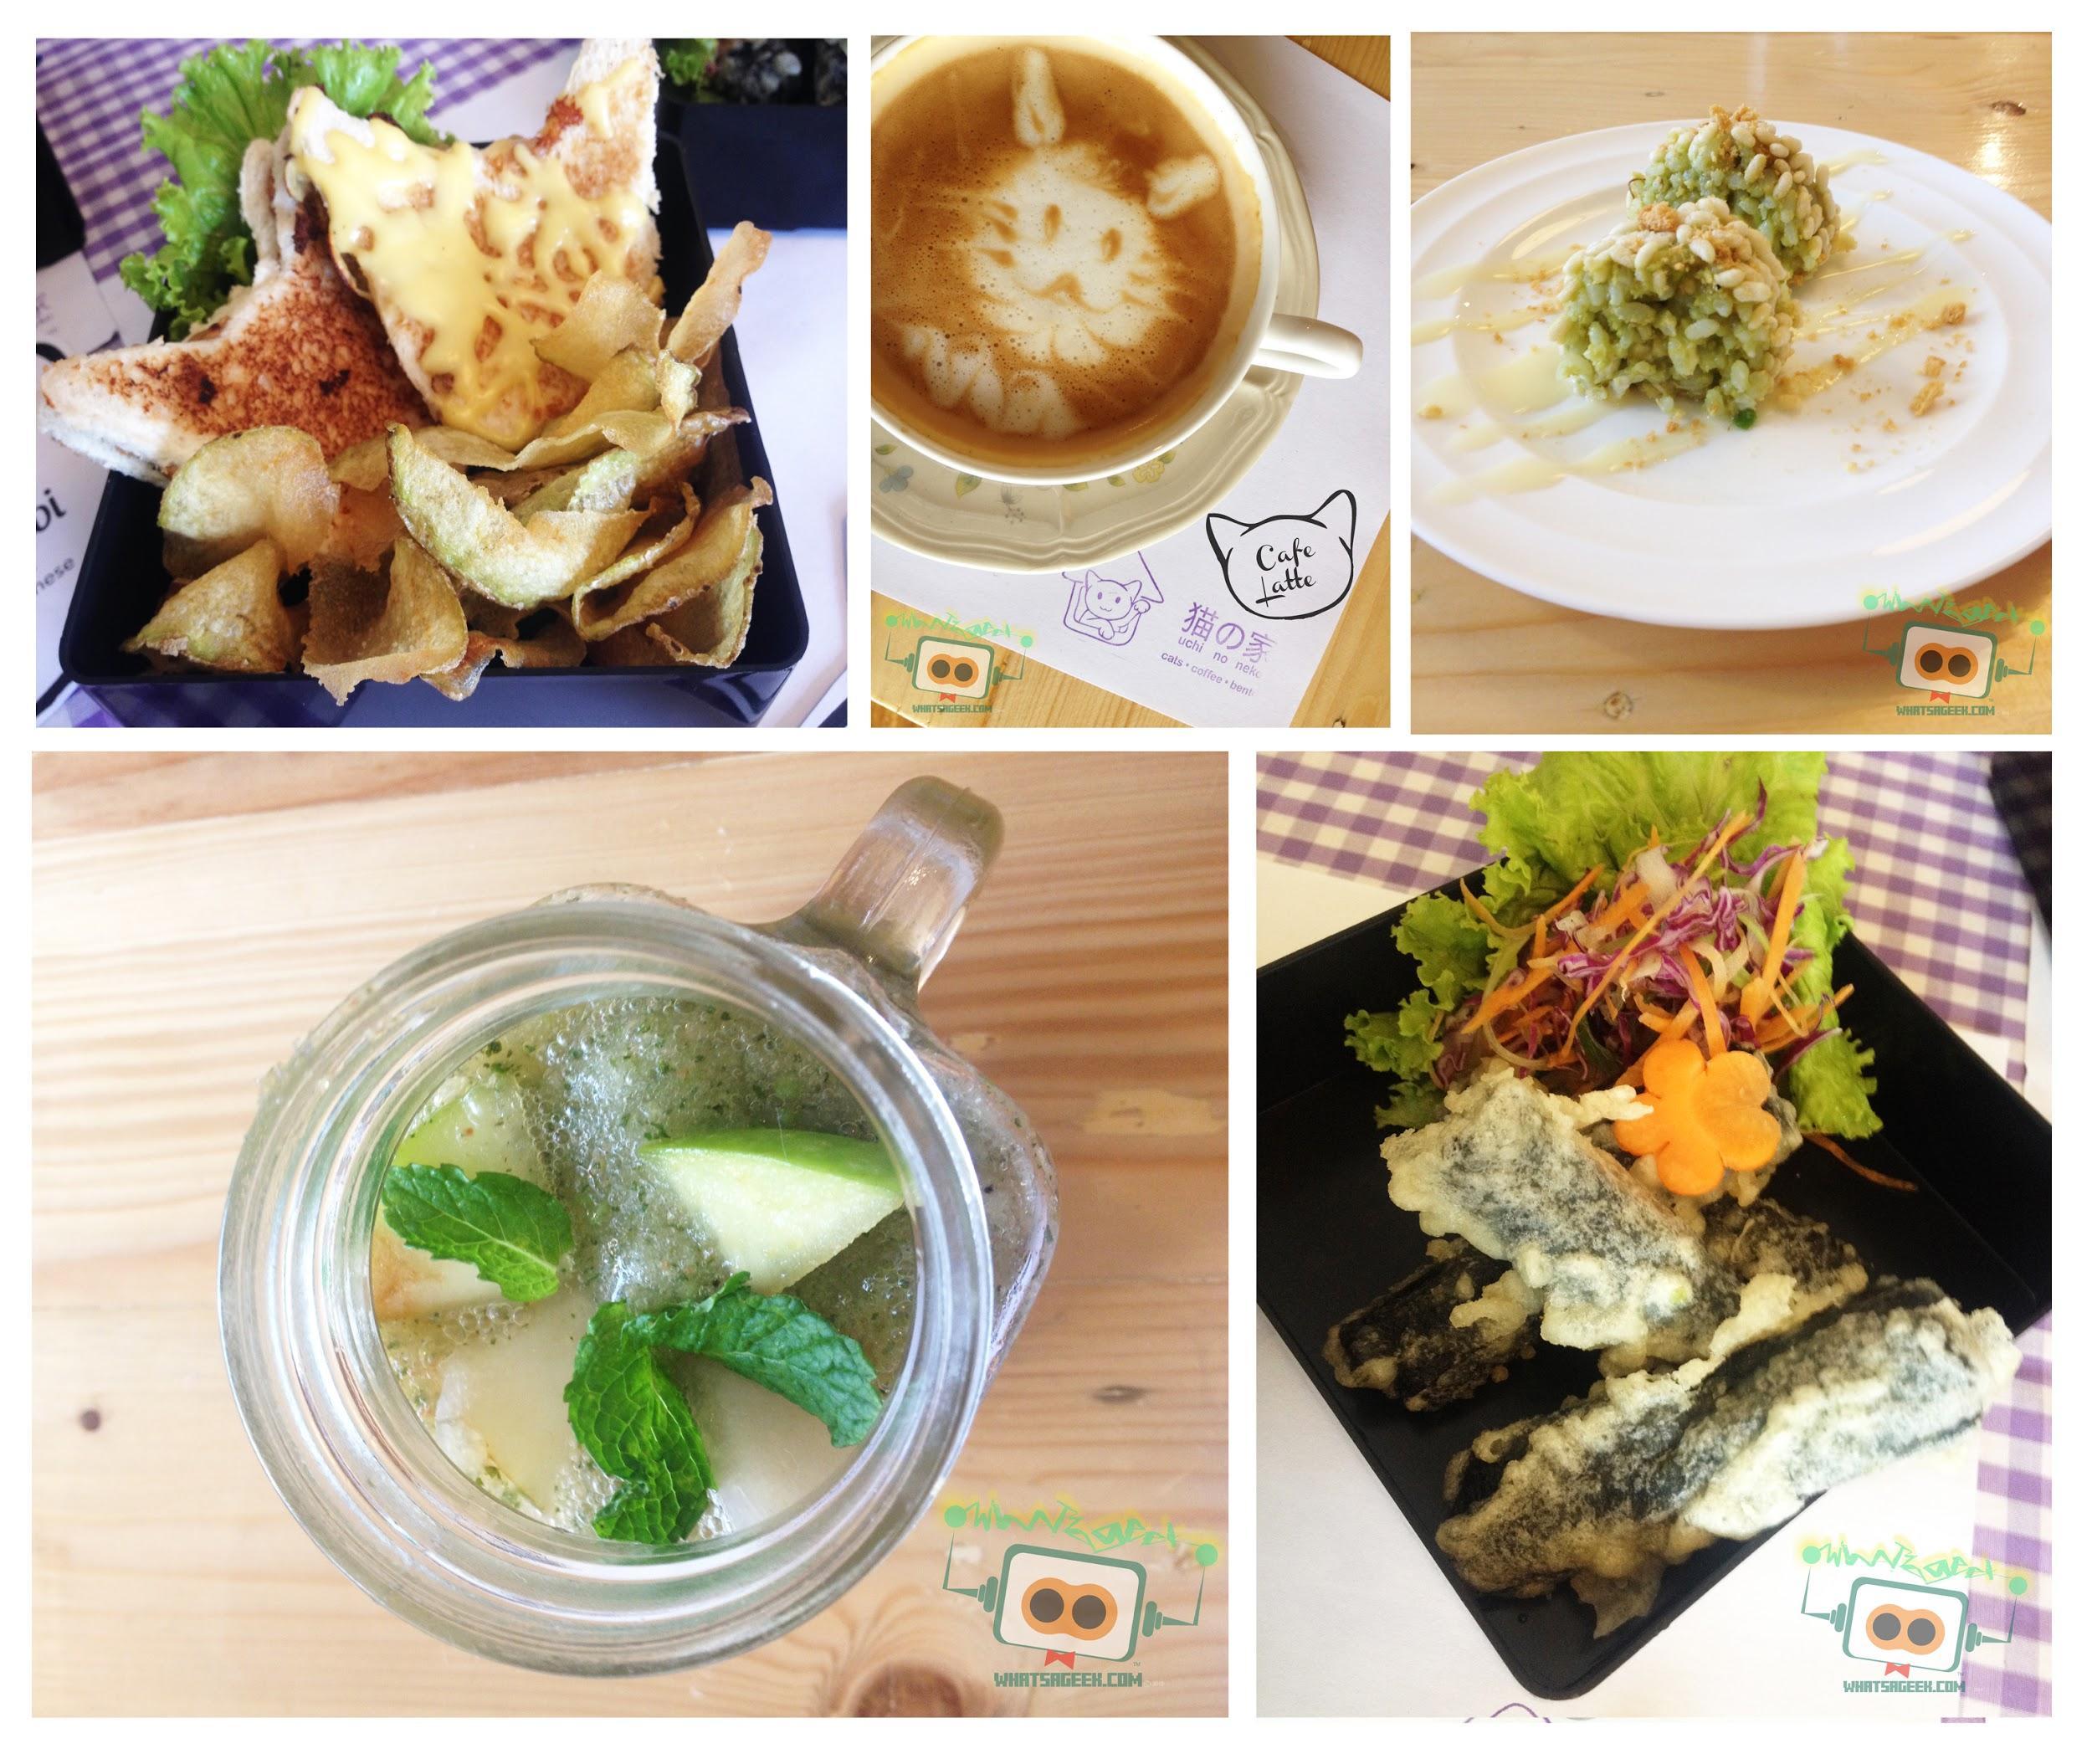 Neko Cat Cafe